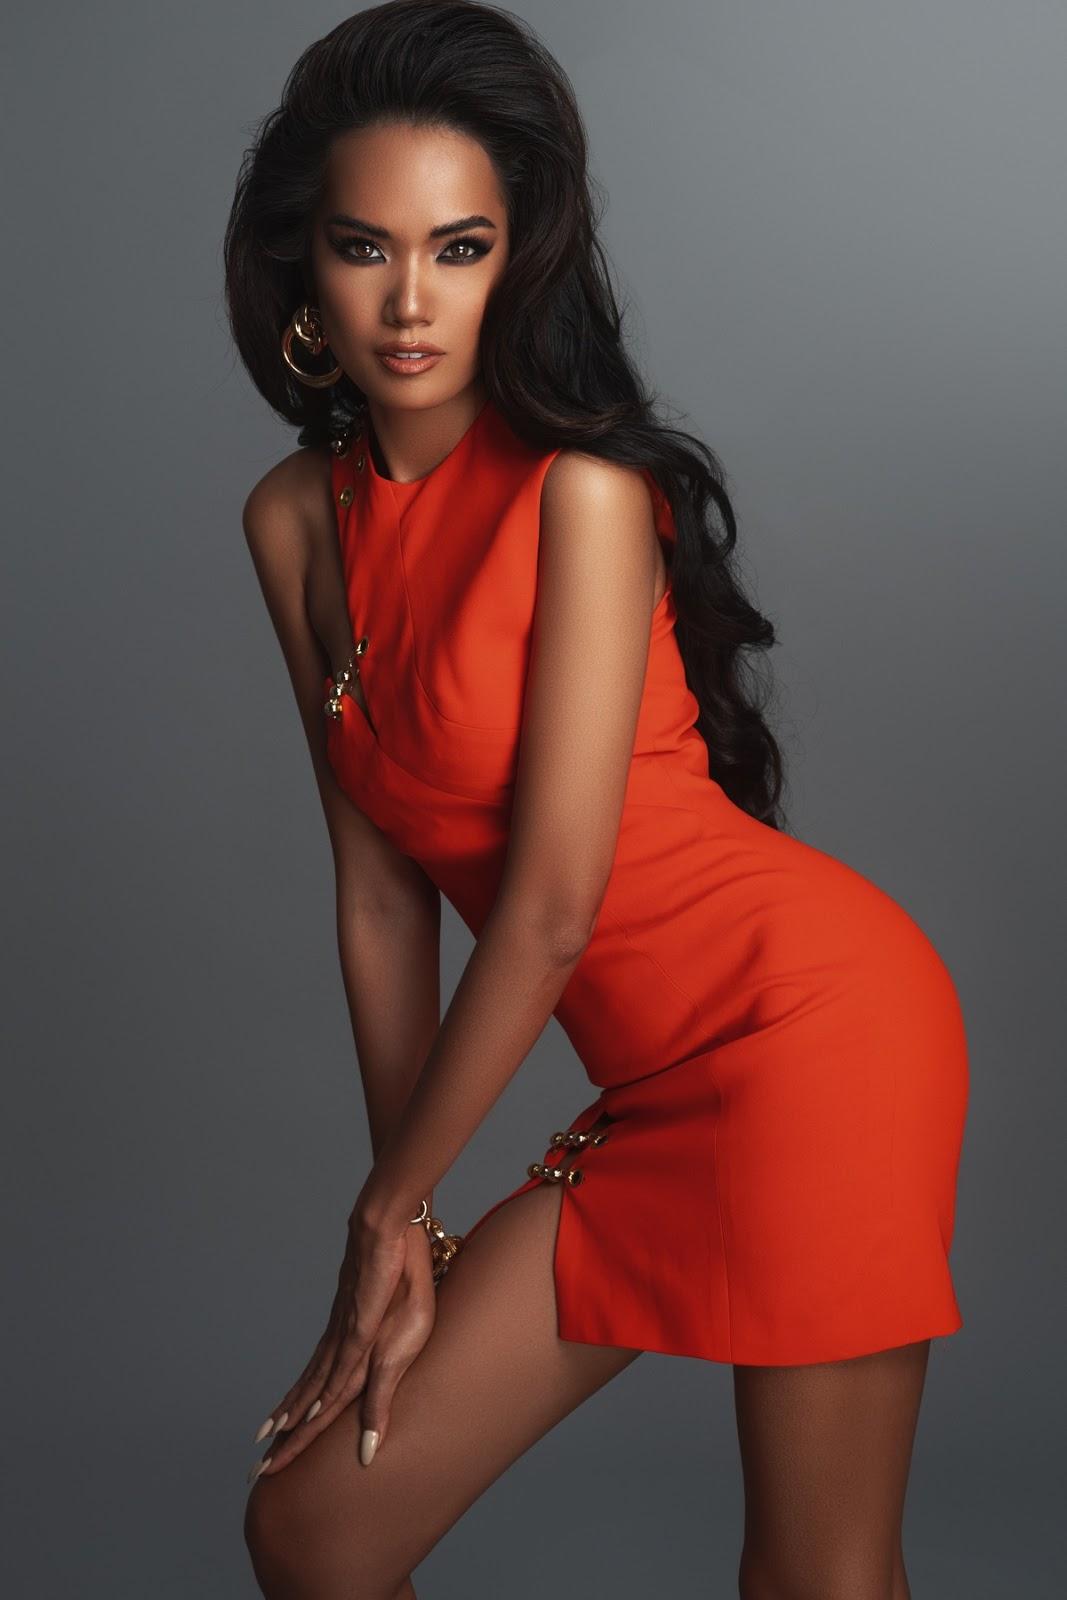 Ứng viên Hoa hậu Hoàn vũ Việt Nam 2019 - Hoàng Phương xuất thần trong hình ảnh mới - Hình 9